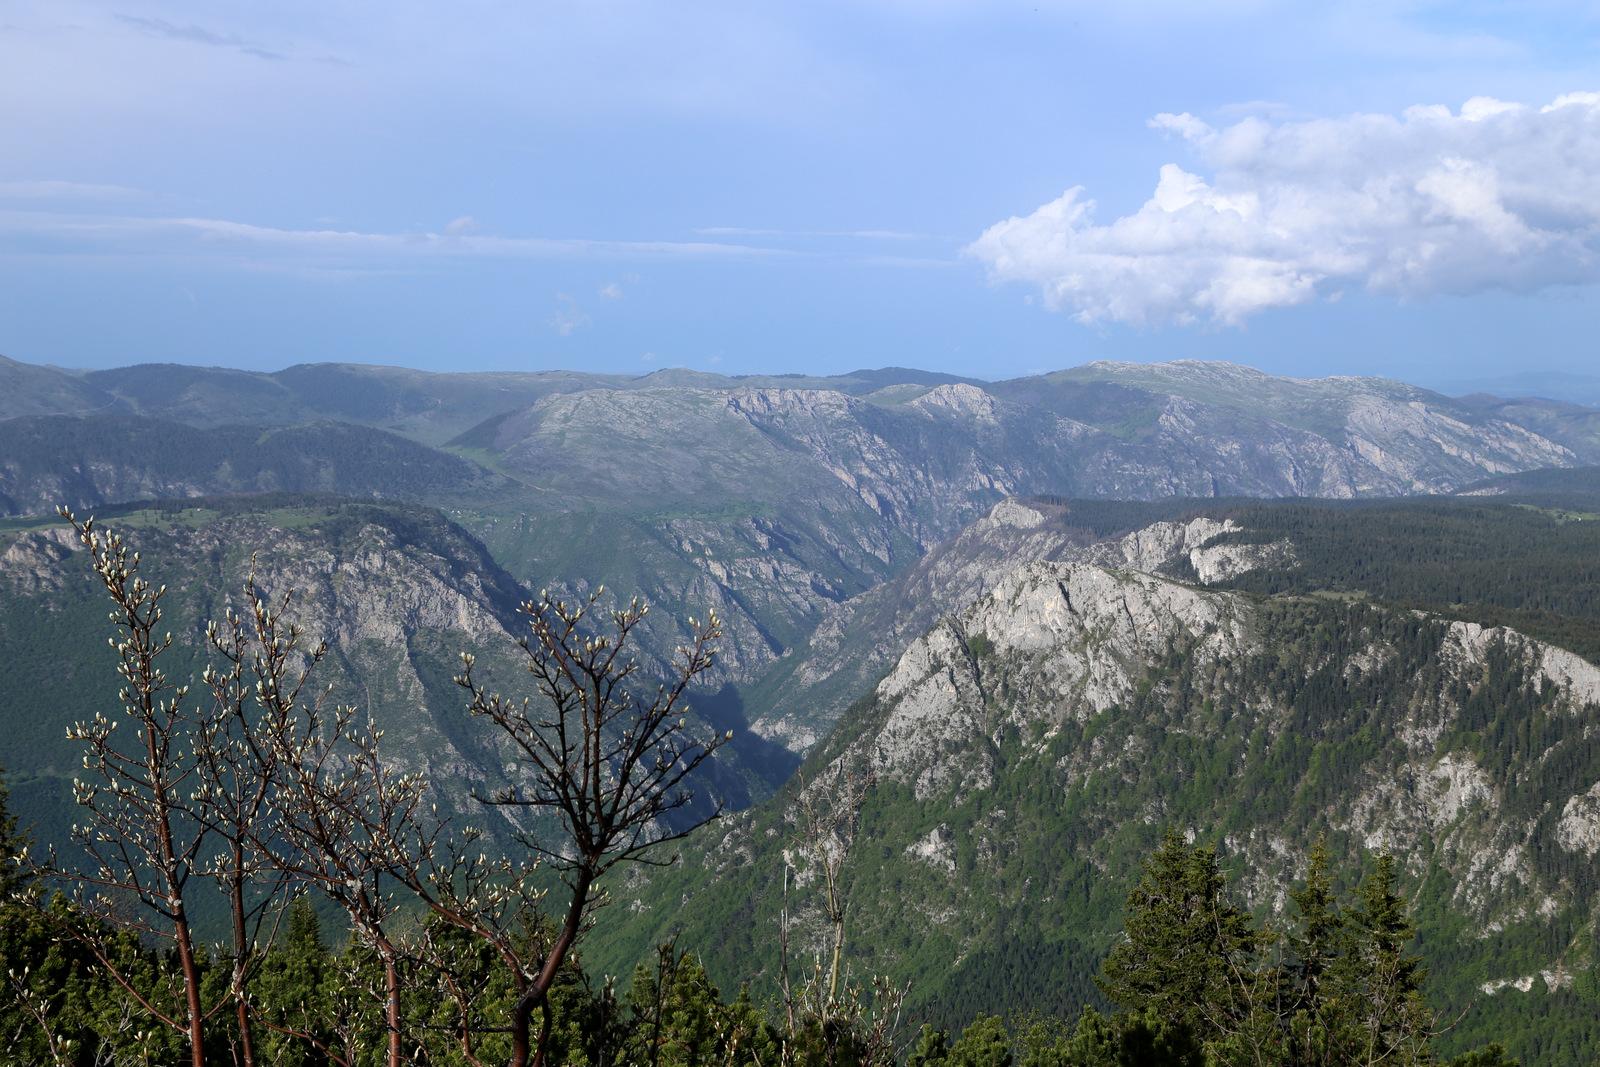 Tara canyon views